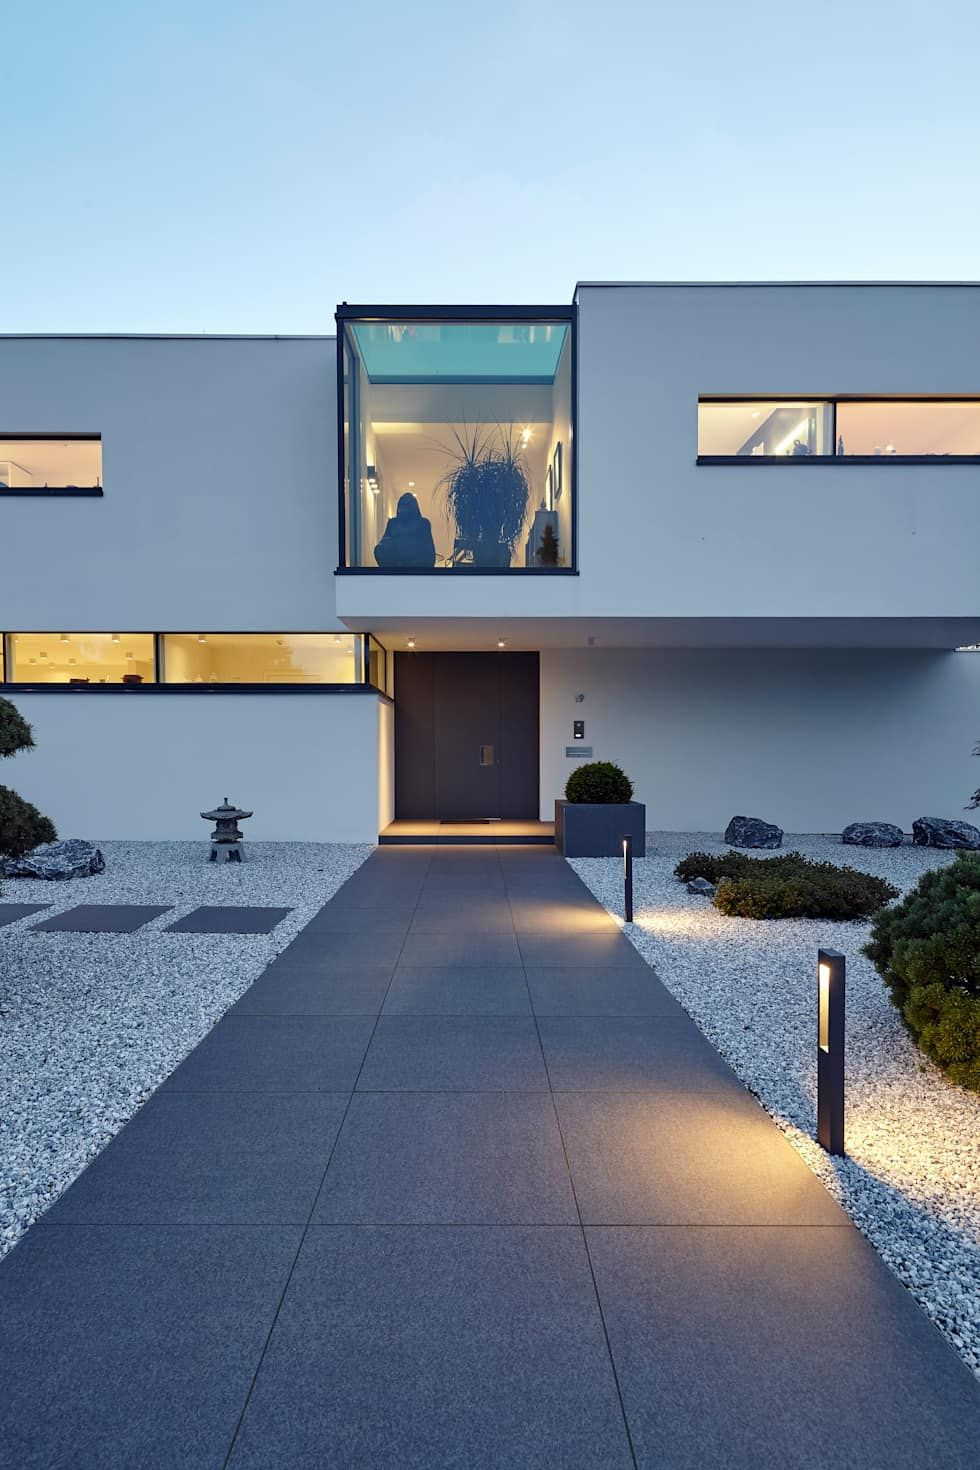 AuBergewohnlich Villa S.: Moderne Häuser Von Lioba Schneider